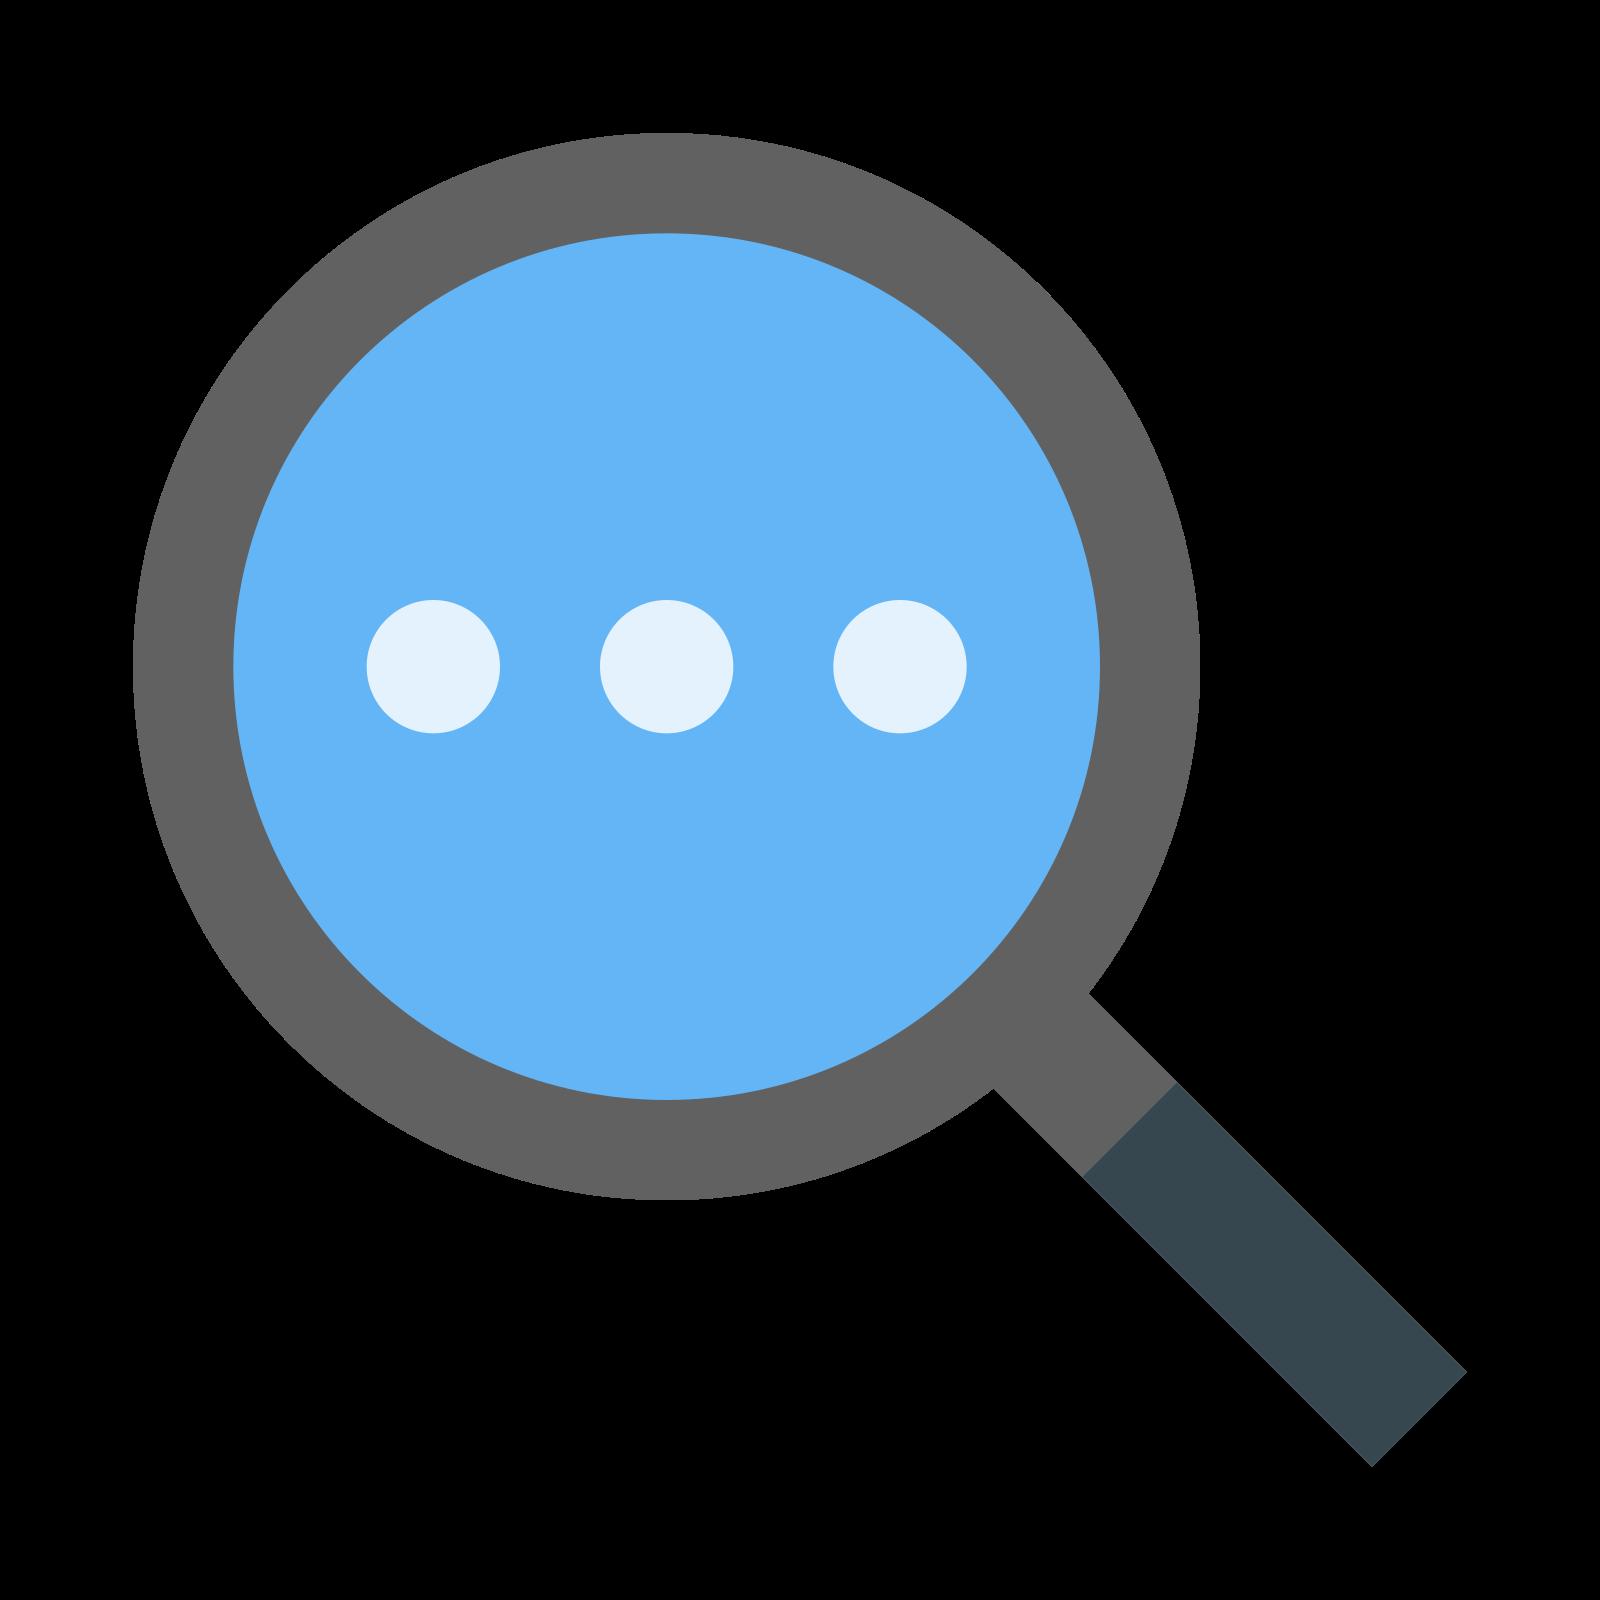 Search More icon